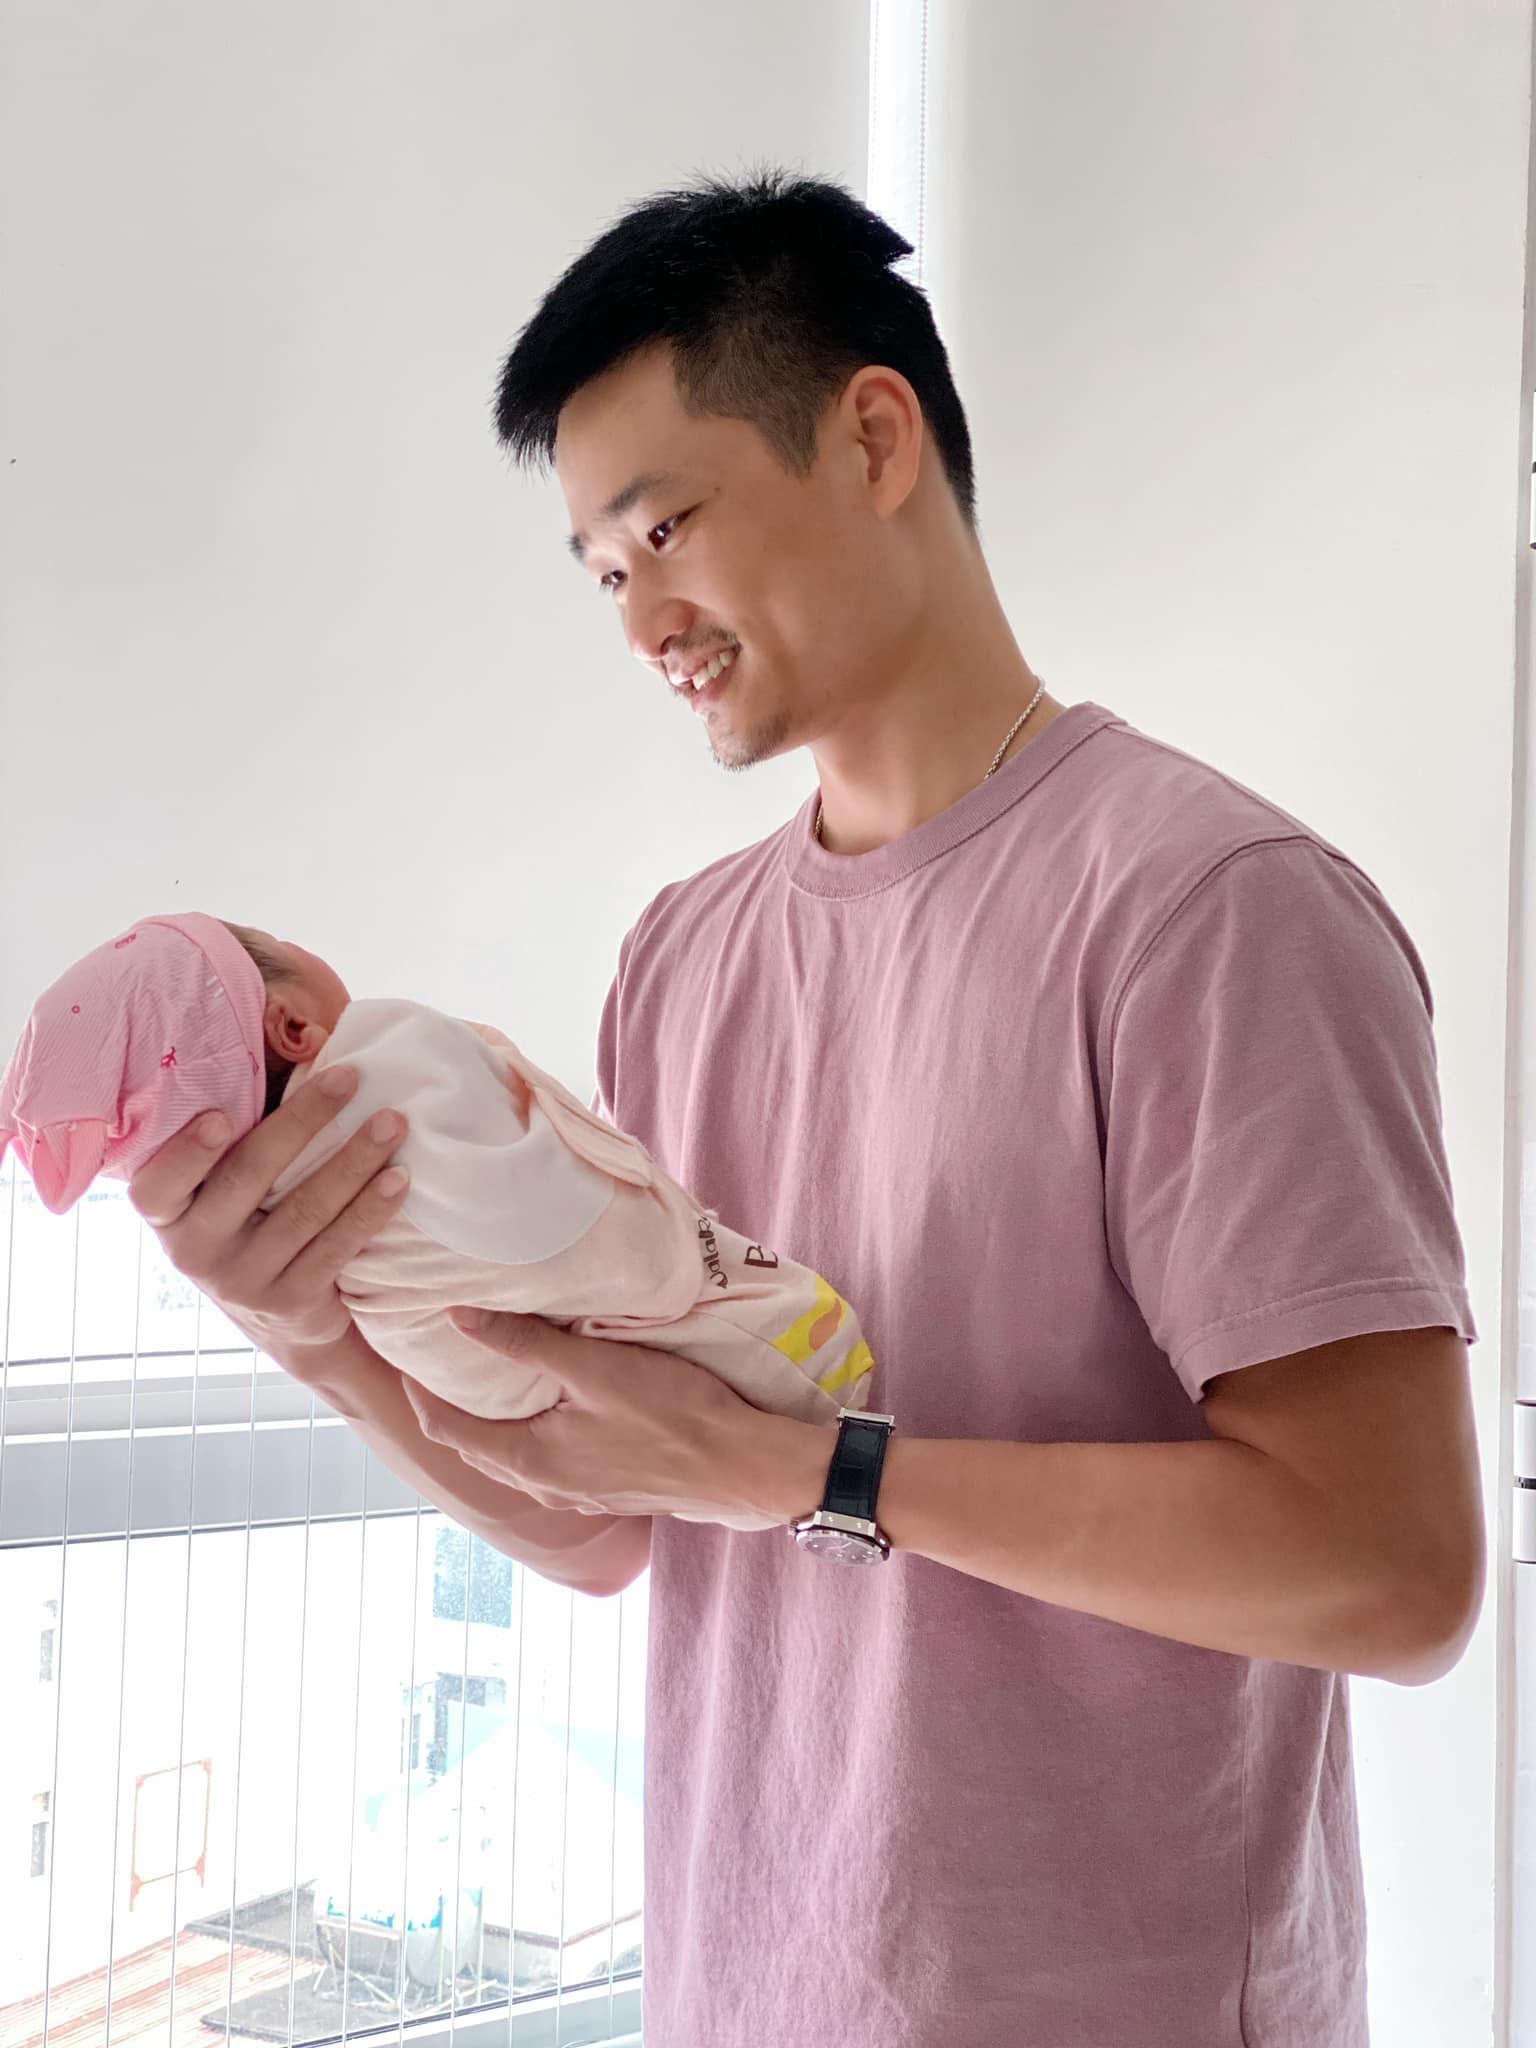 Bảo Thanh lần đầu khoe nhan sắc mẹ bỉm sau 4 ngày sinh nở, hé lộ luôn thông tin đặc biệt của ái nữ Ảnh 4